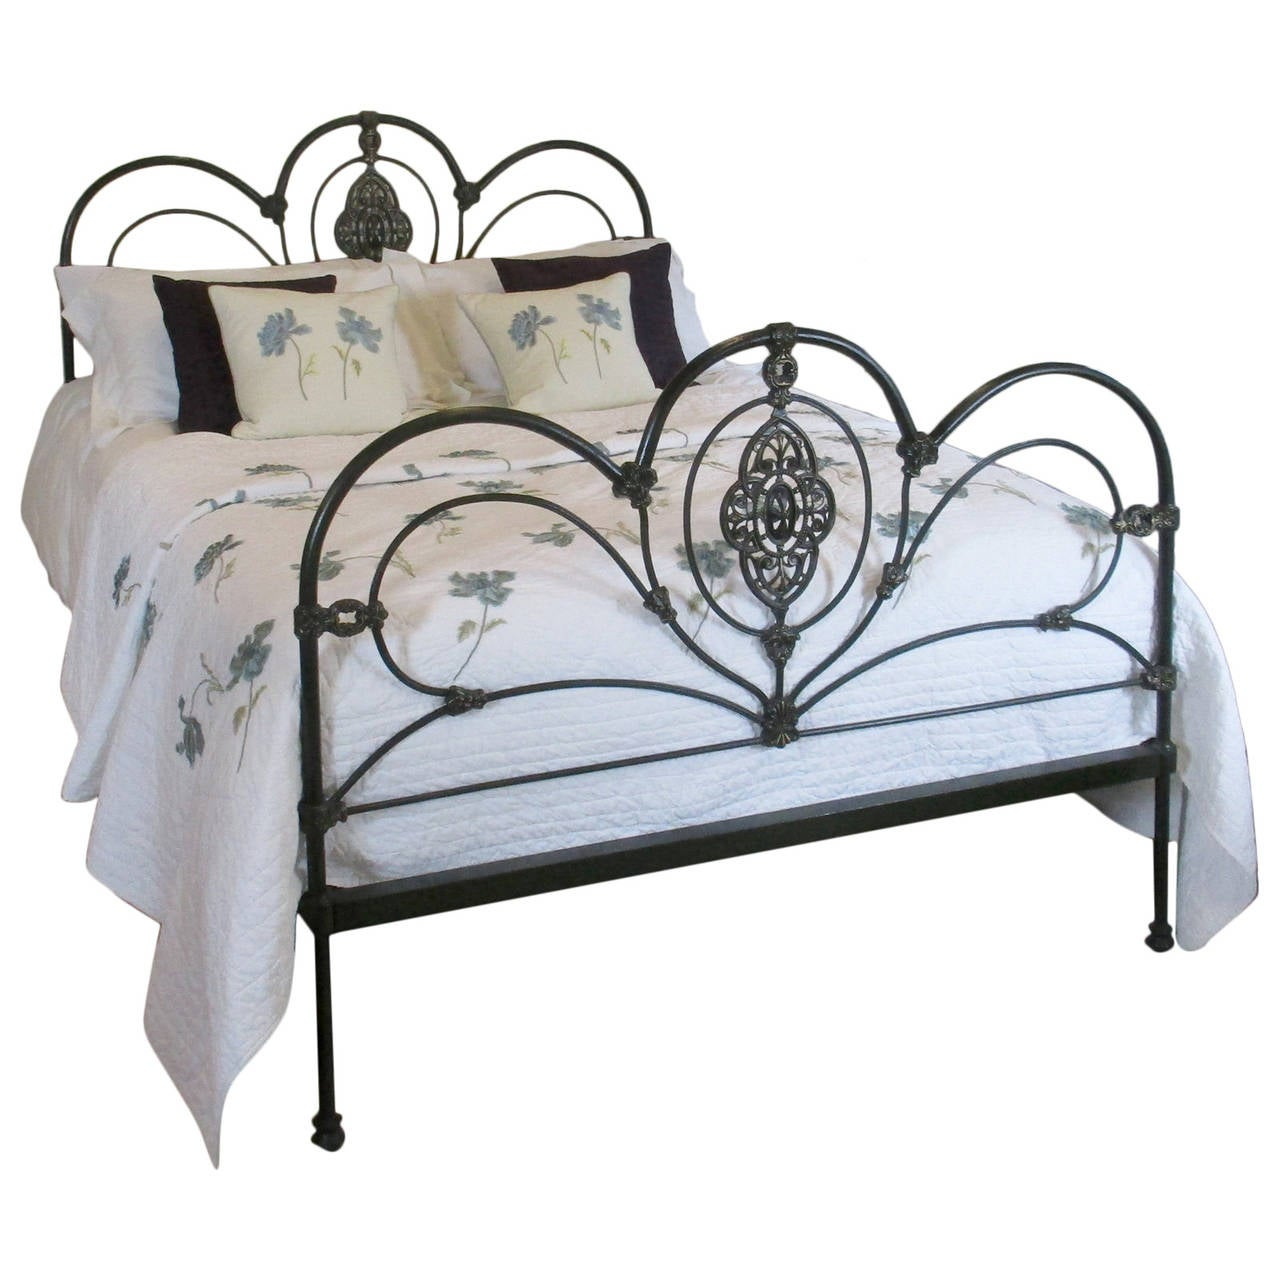 Ornate Bedroom Furniture Ornate Cast Iron Bed Mk55 At 1stdibs